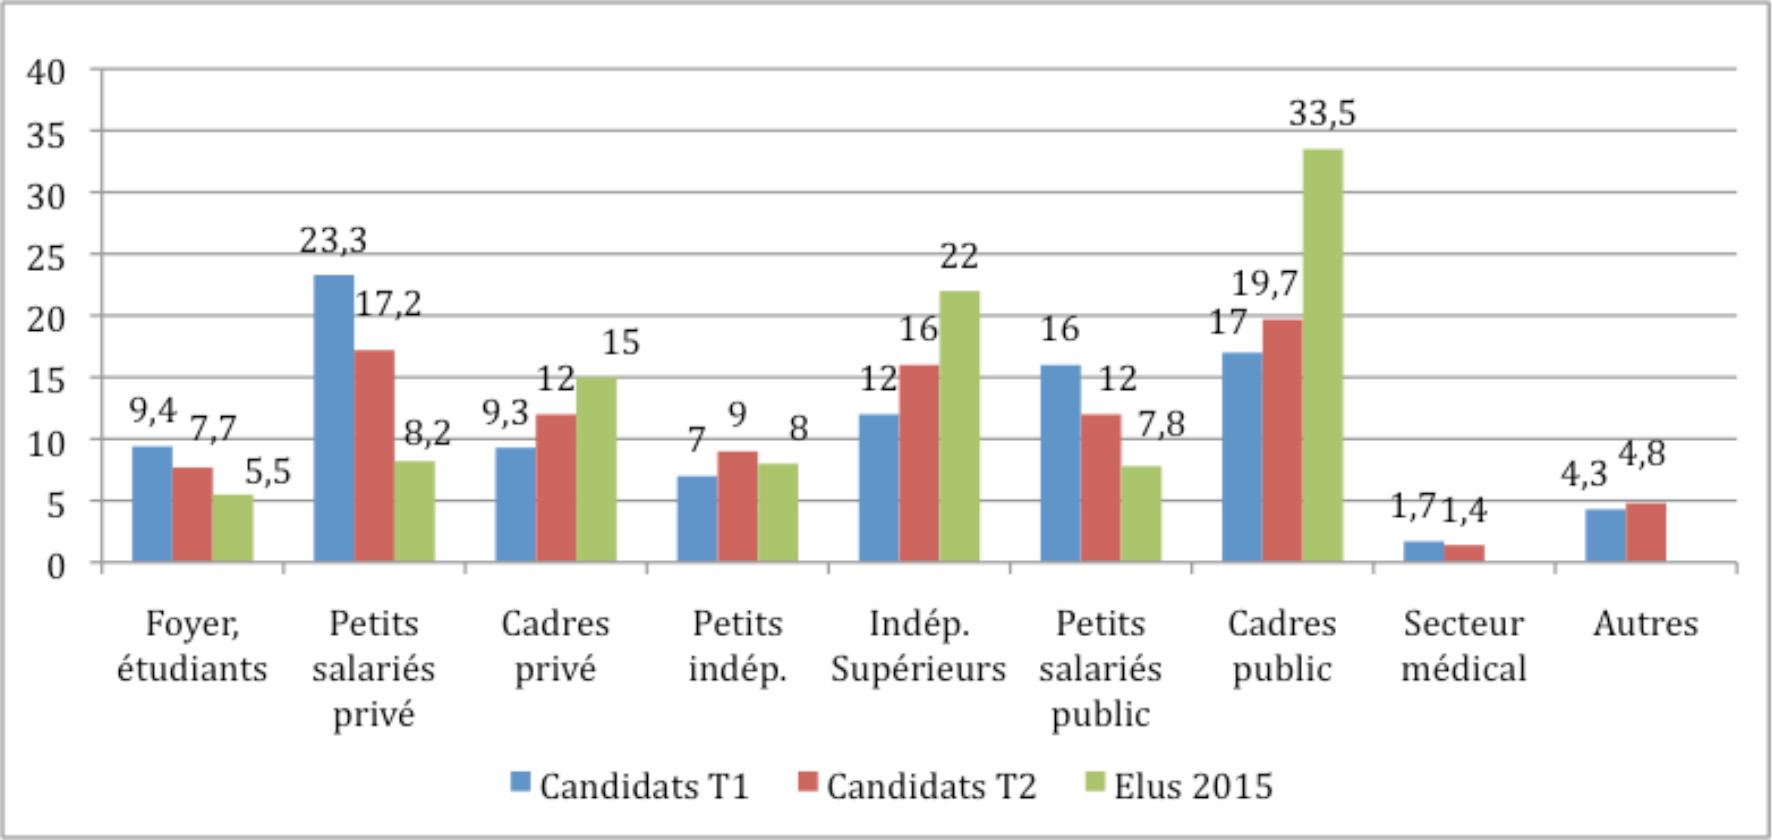 Sélection sociale des conseillers régionaux en 2015